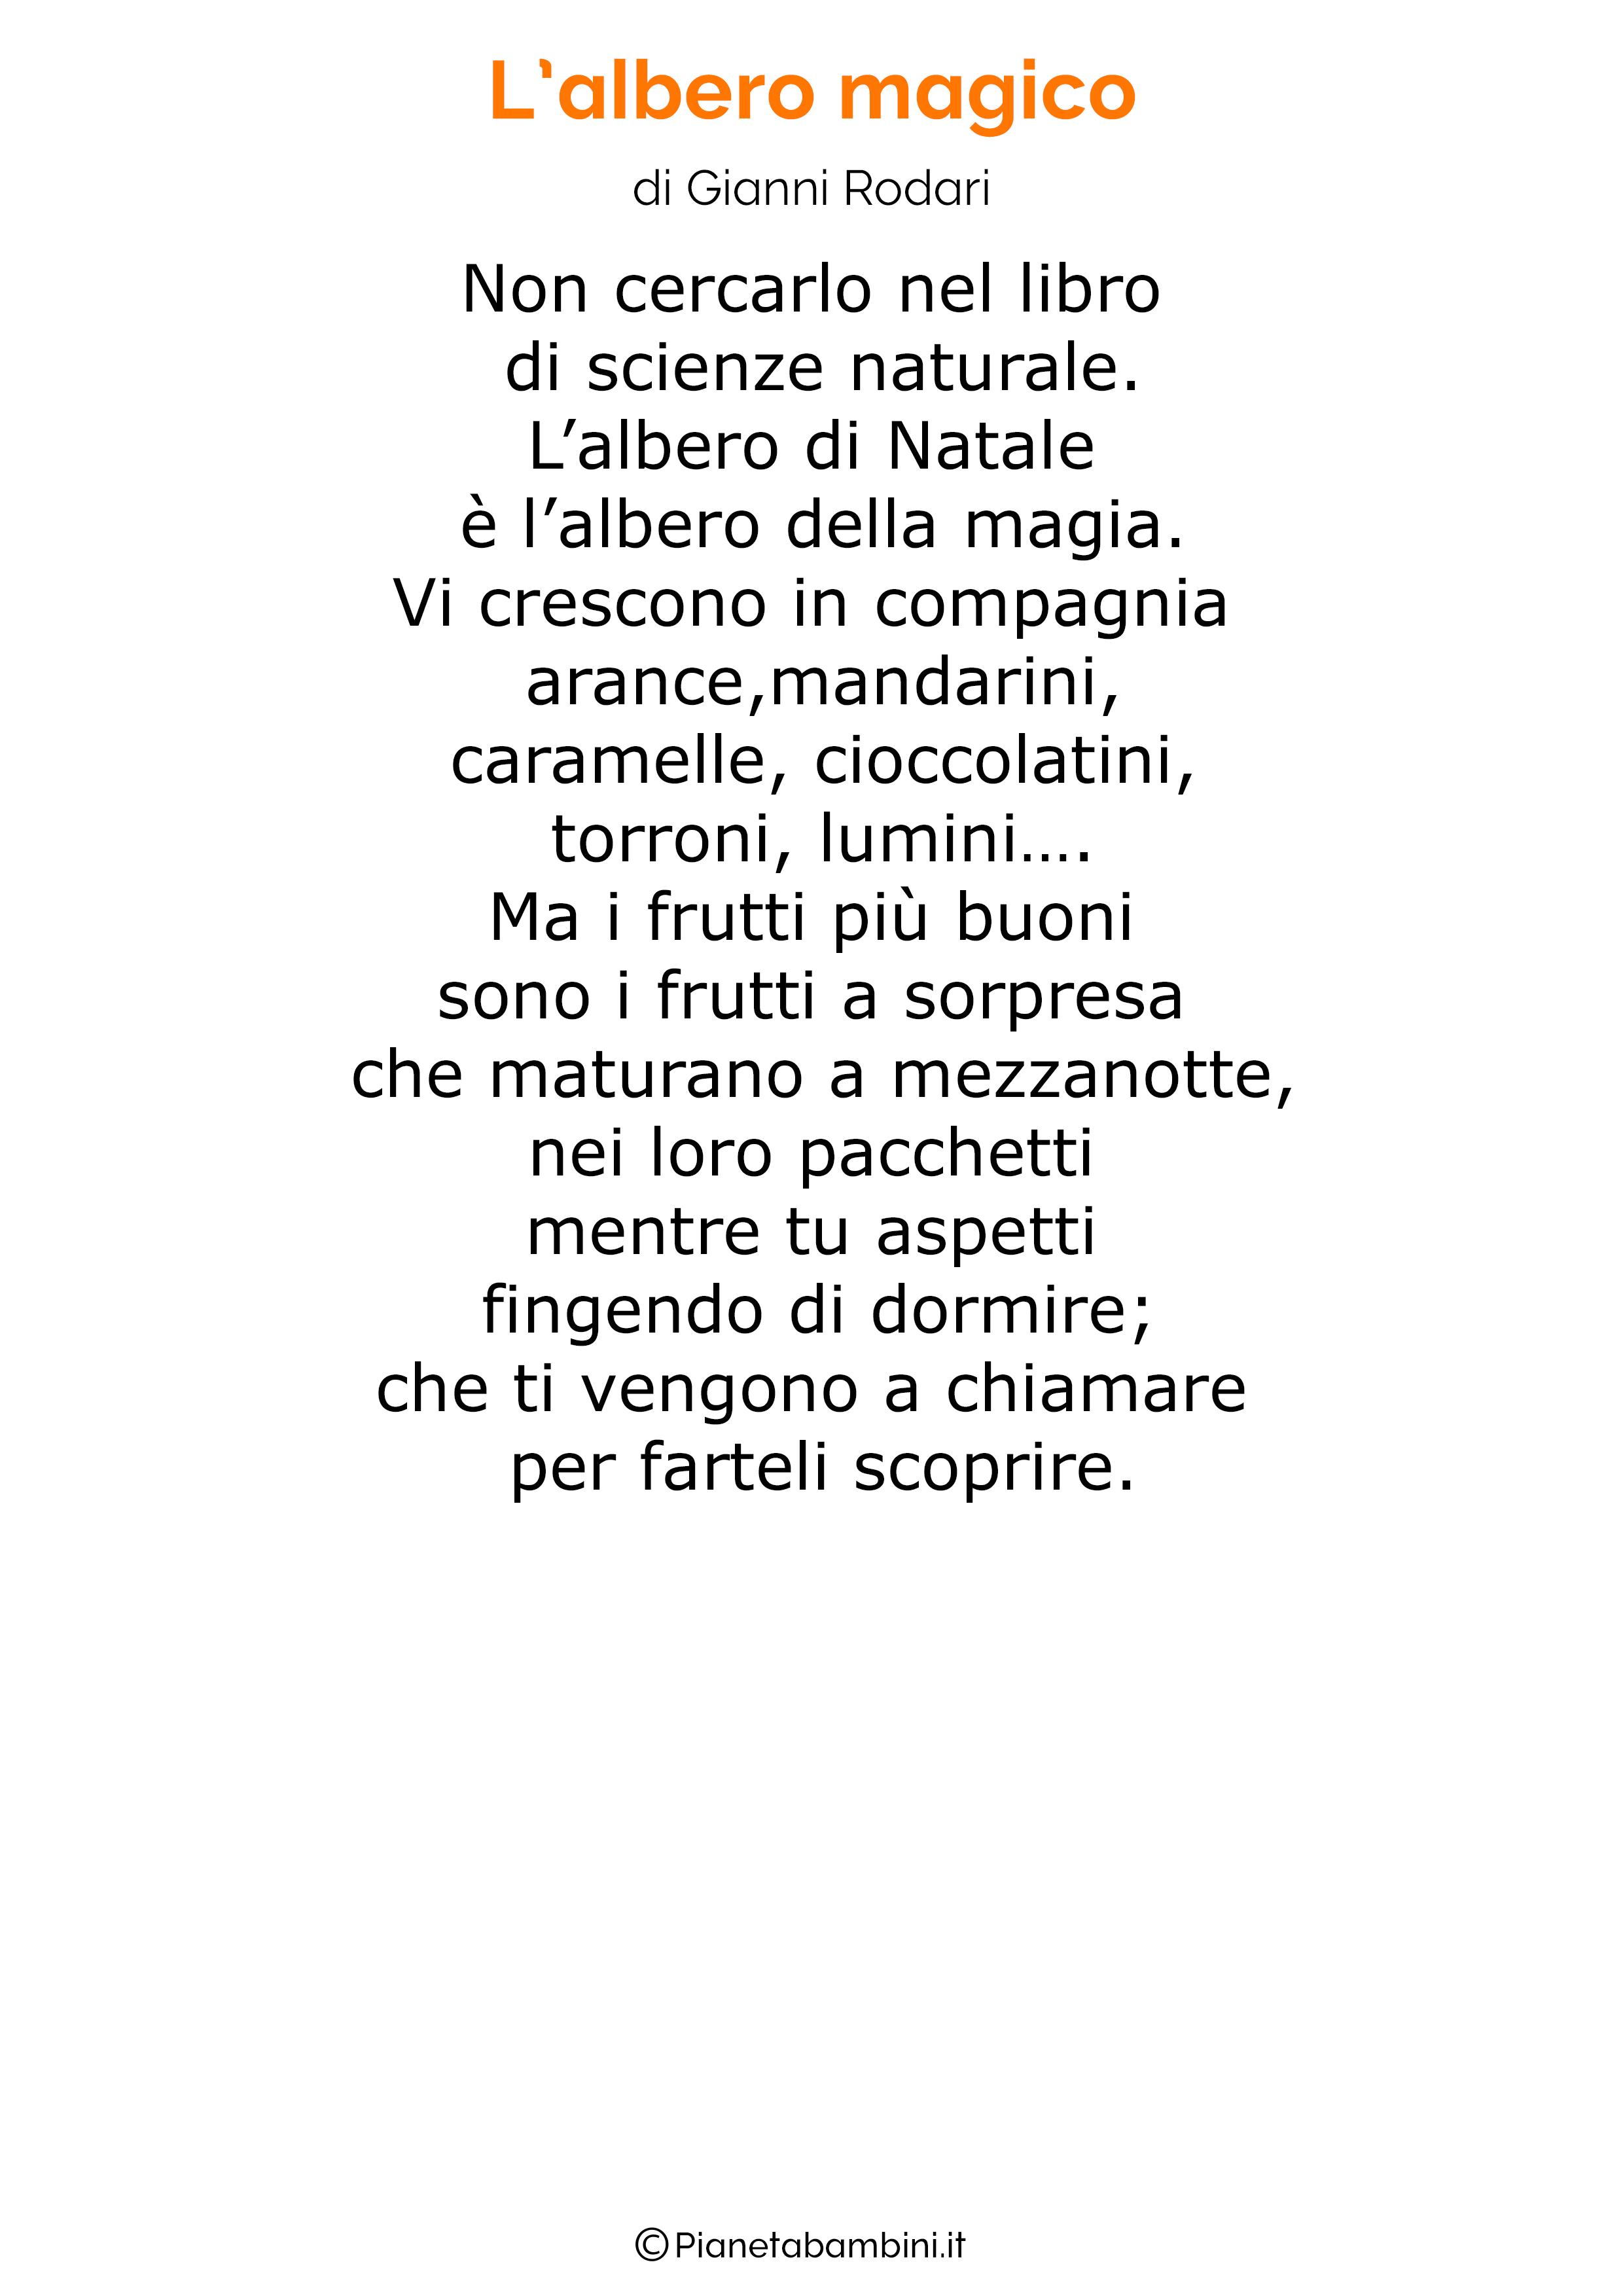 Poesia di Natale 06